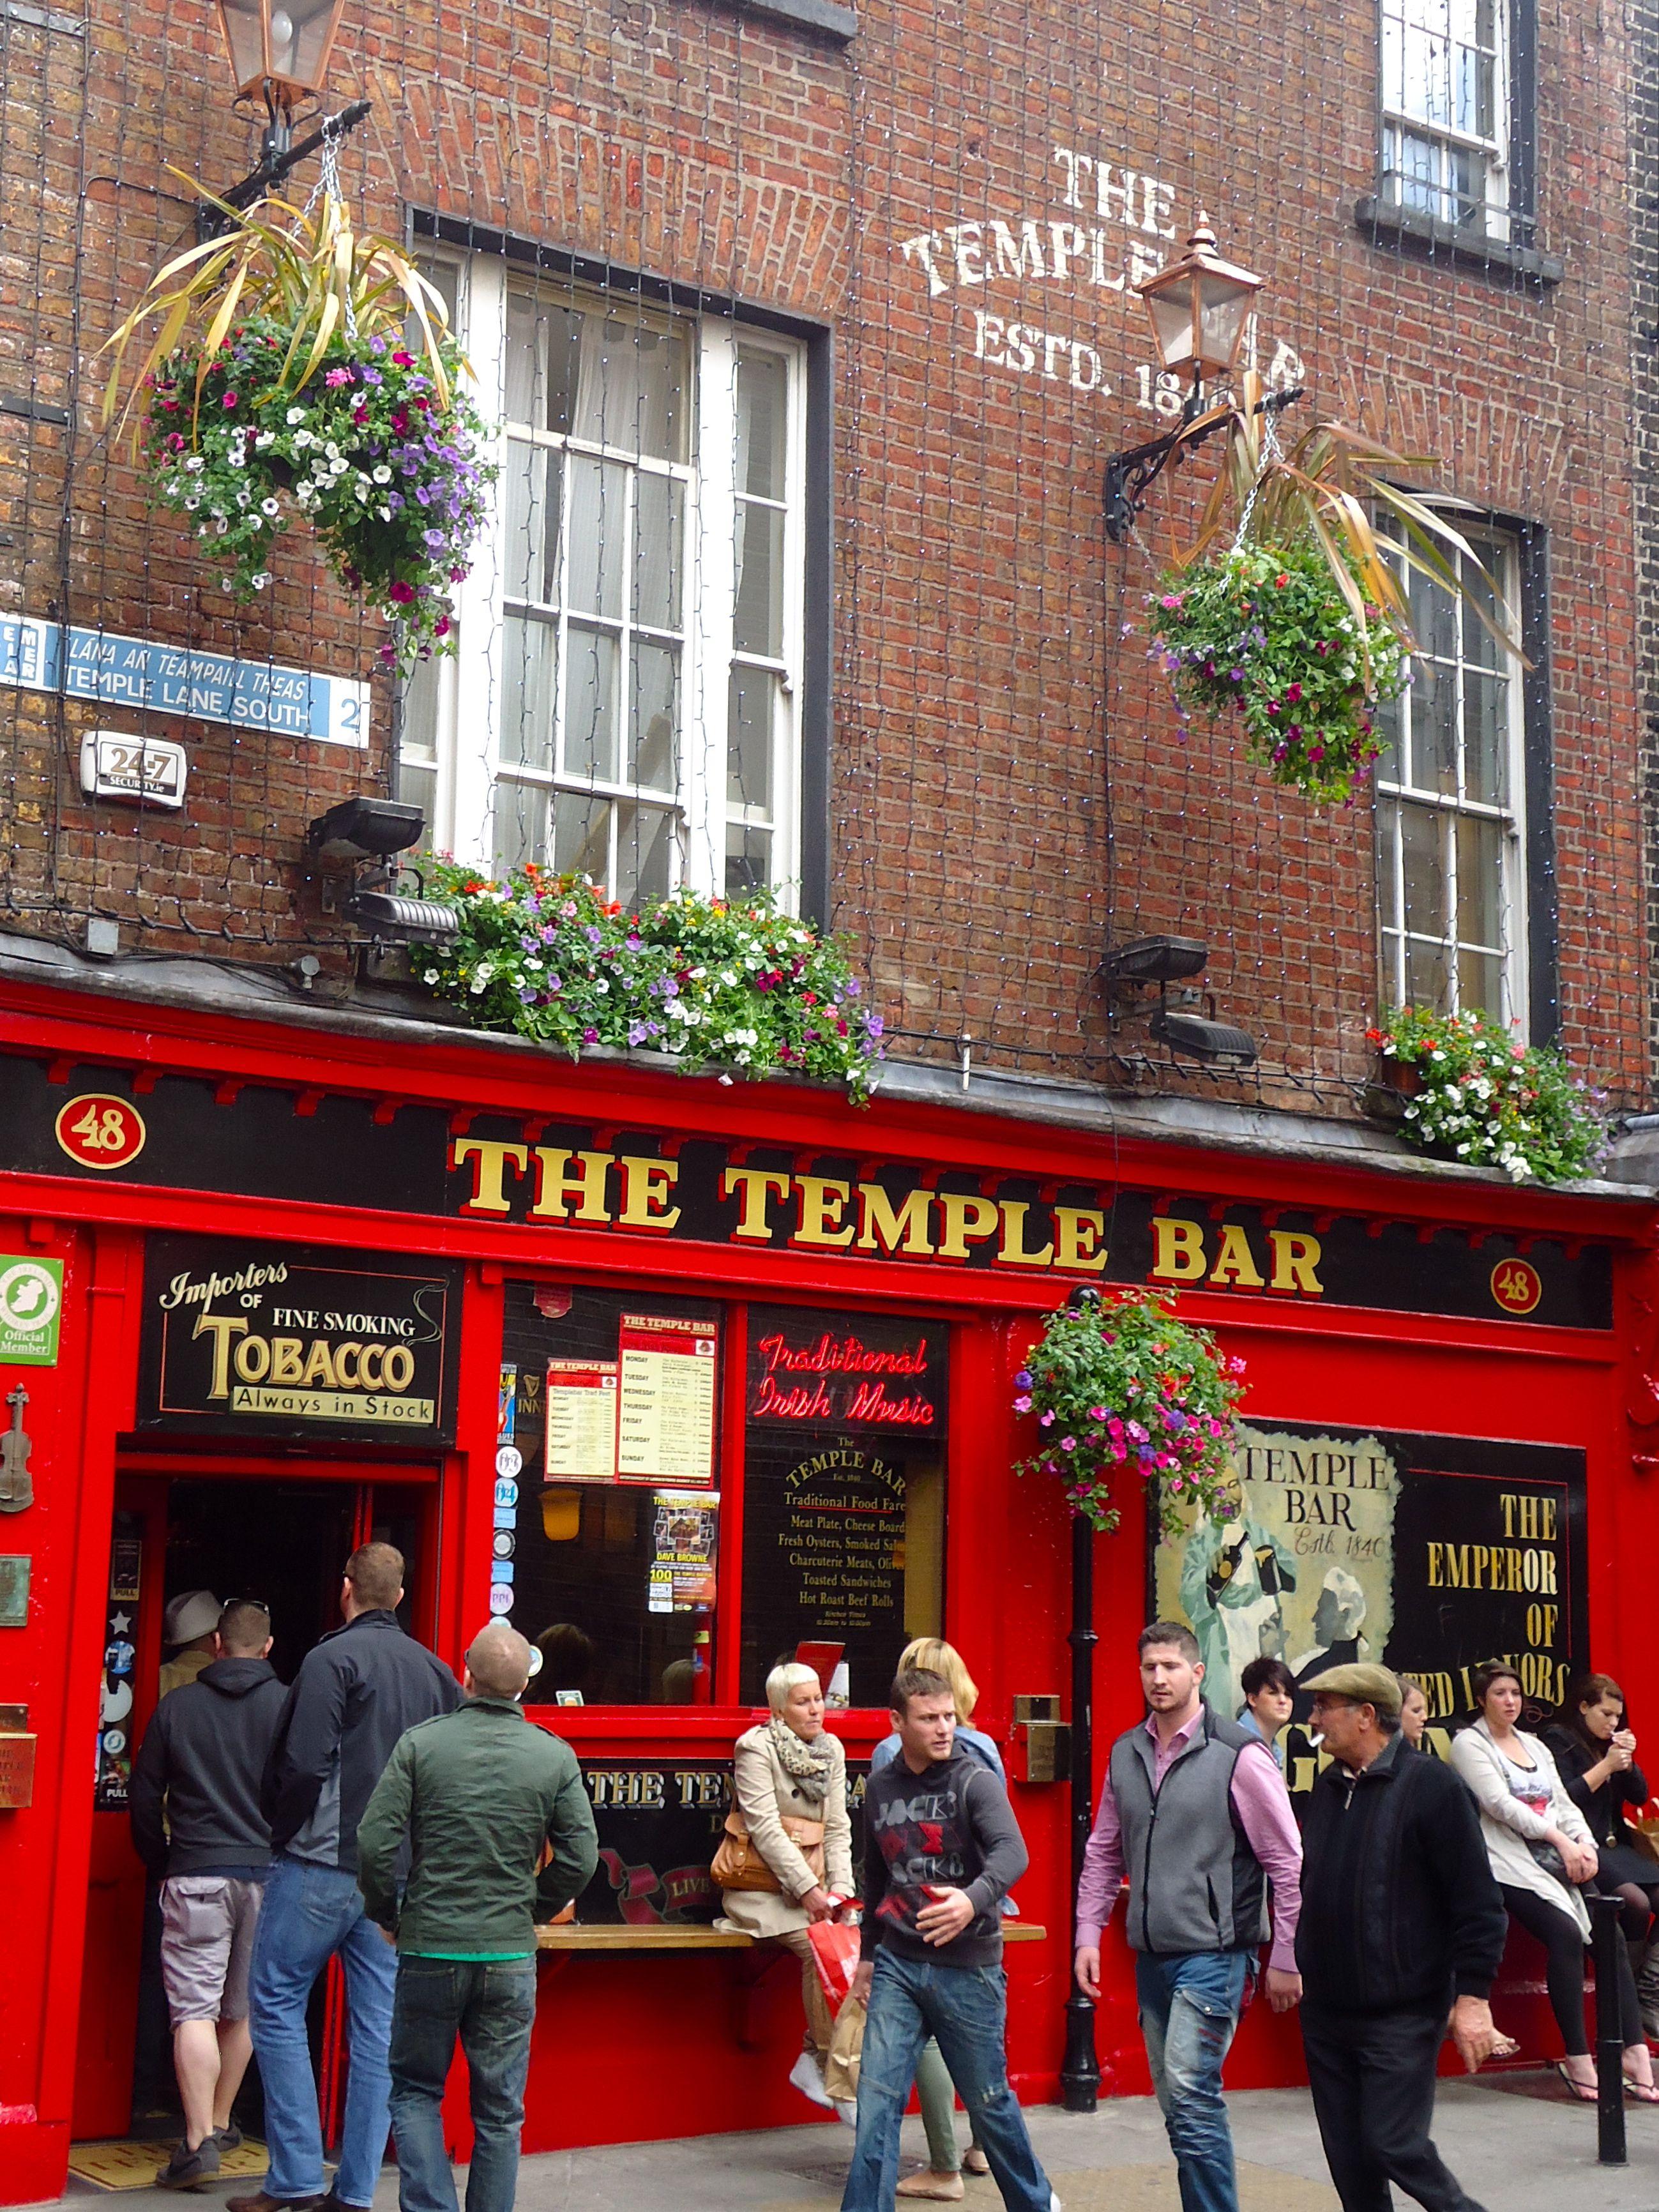 Temple bar- Dublin, Ireland